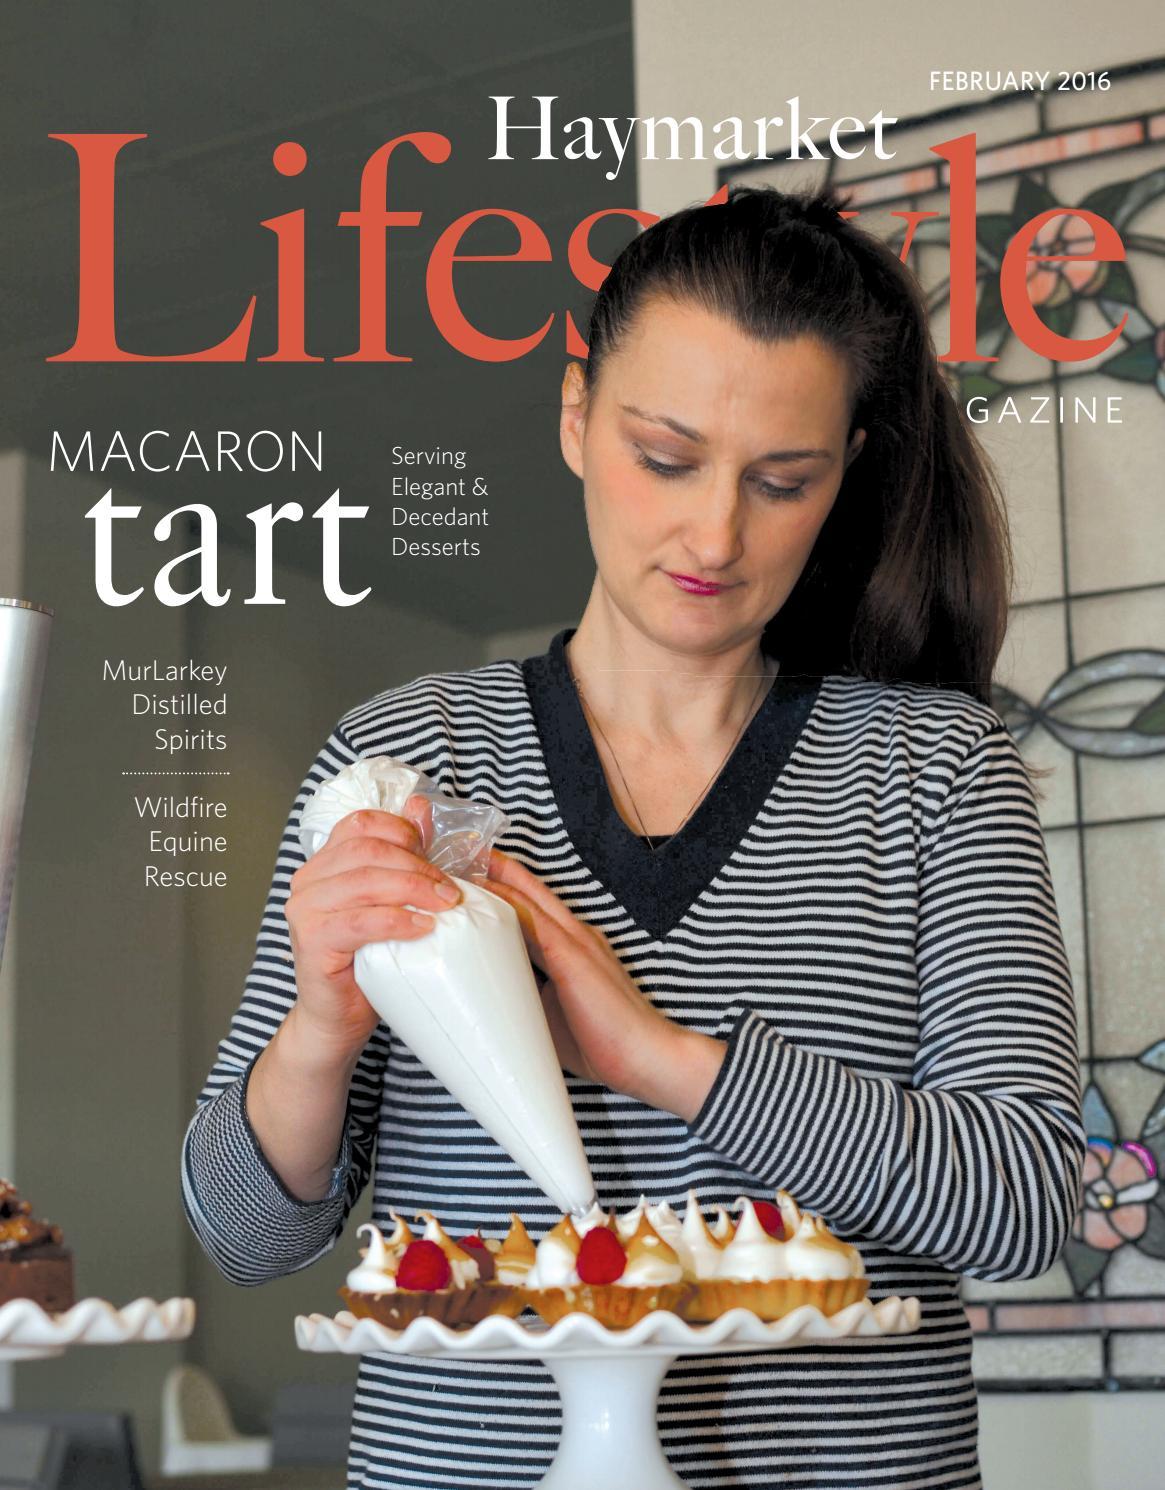 Haymarket Lifestyle Magazine February 2016 by Piedmont Publishing Group -  issuu